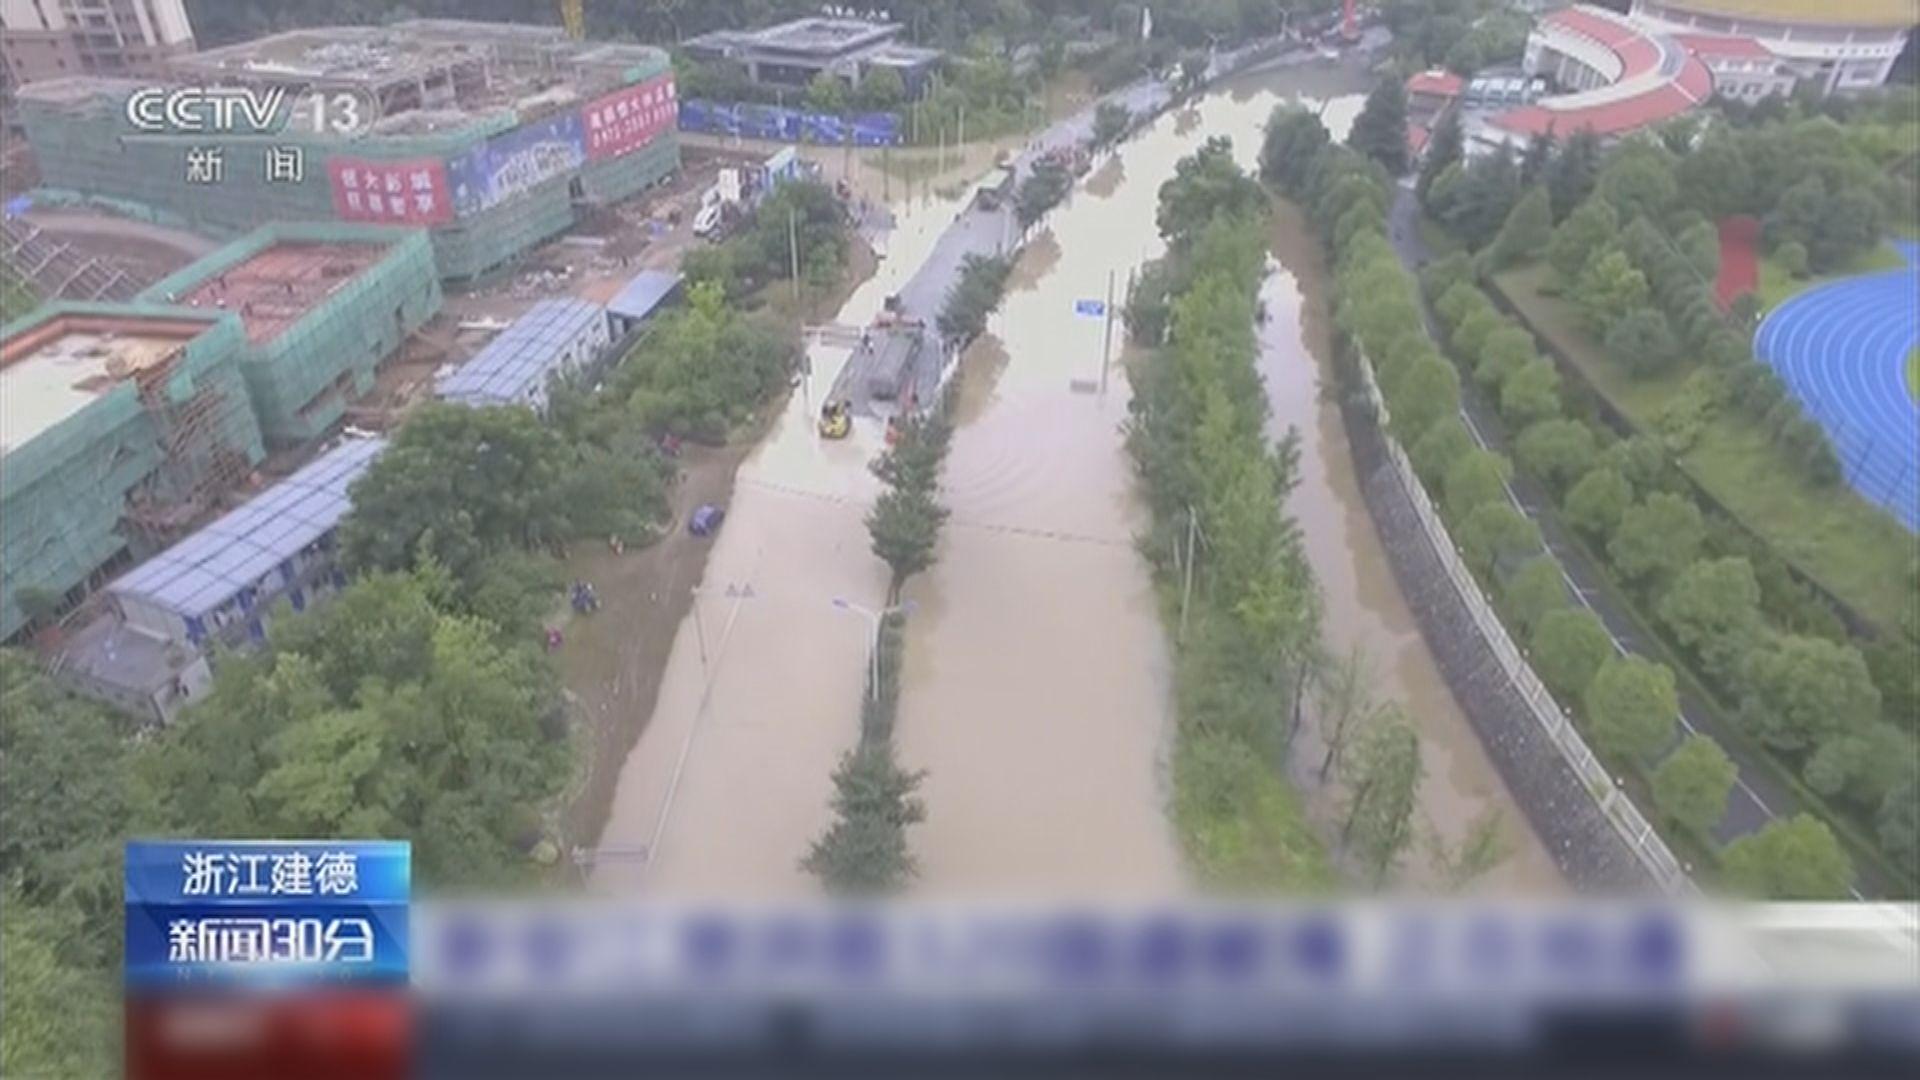 內地汛情未見緩和 浙江新安江水庫洩洪致下游倒灌